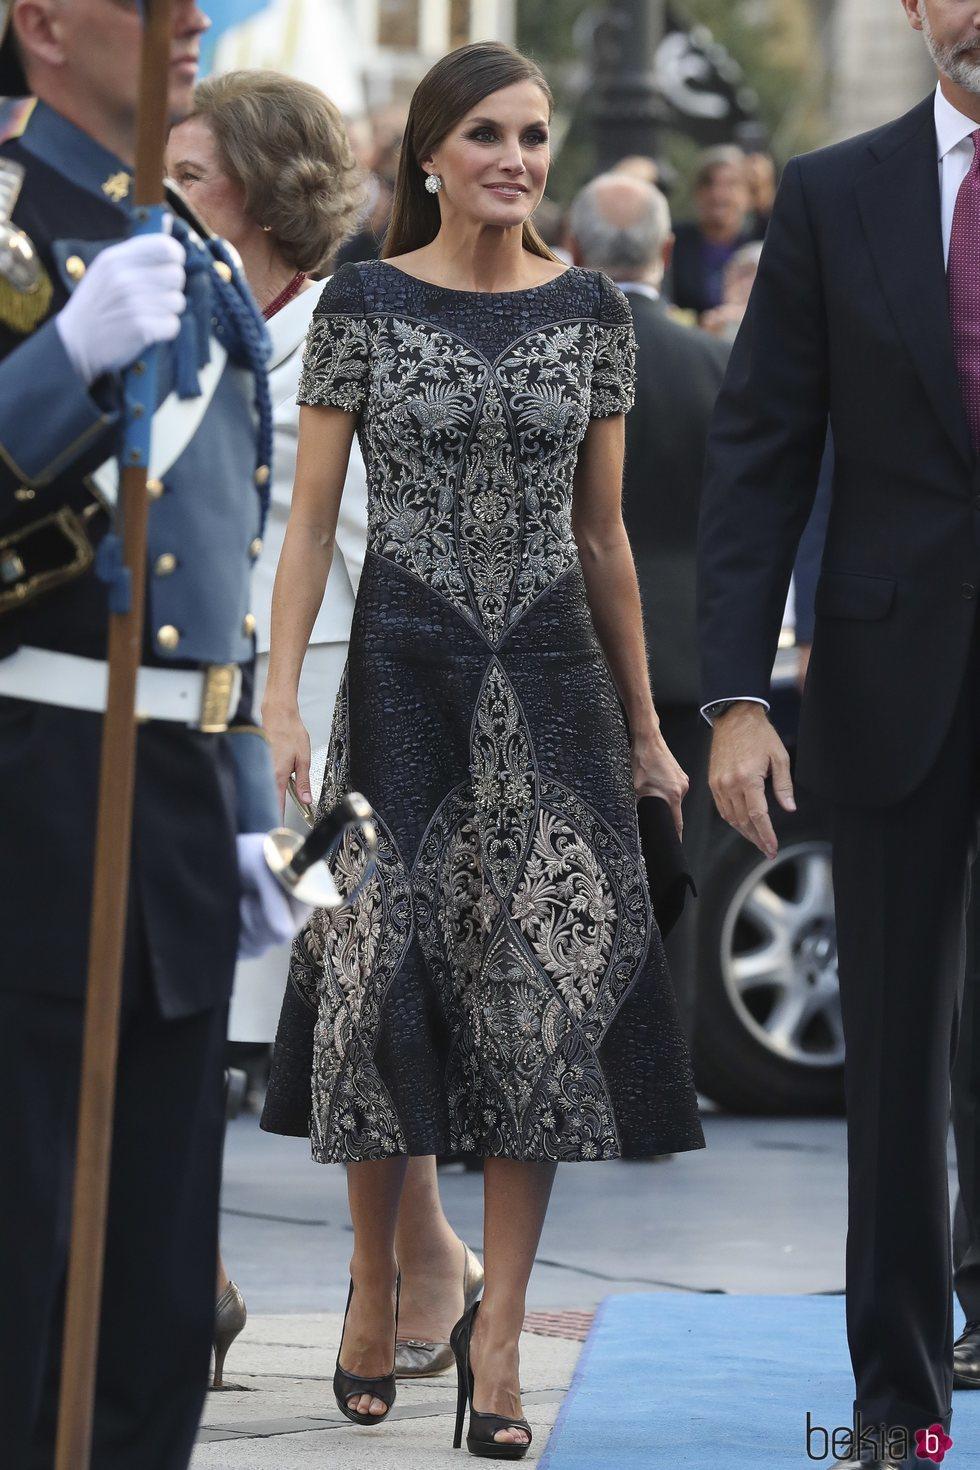 El look de la princesa Letizia en los premios Príncipe de